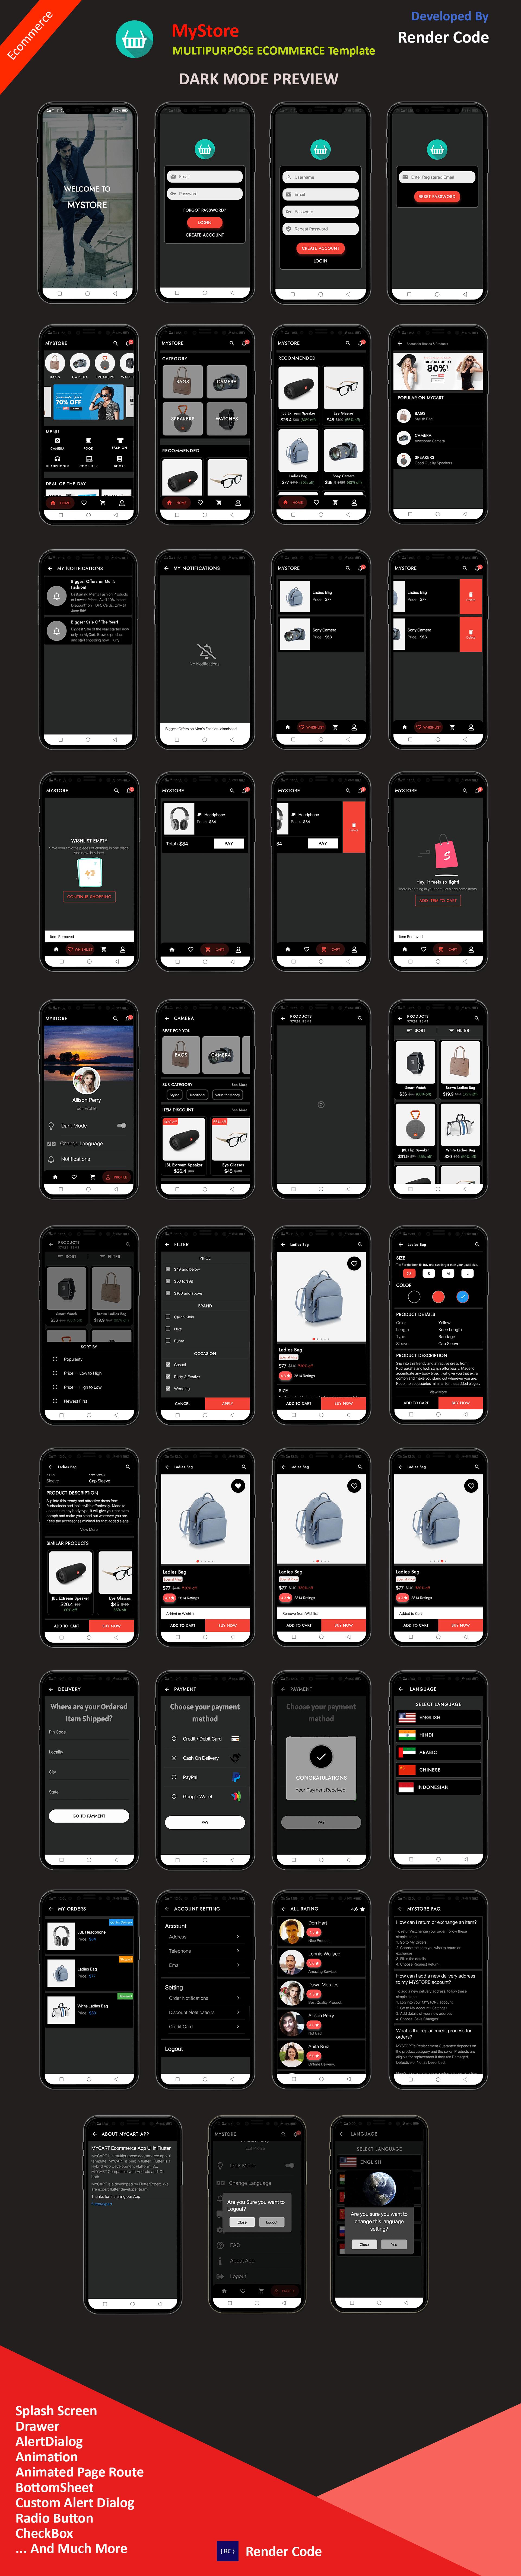 StunningKit - Biggest Flutter App Template Kit (15 App Template) - 13